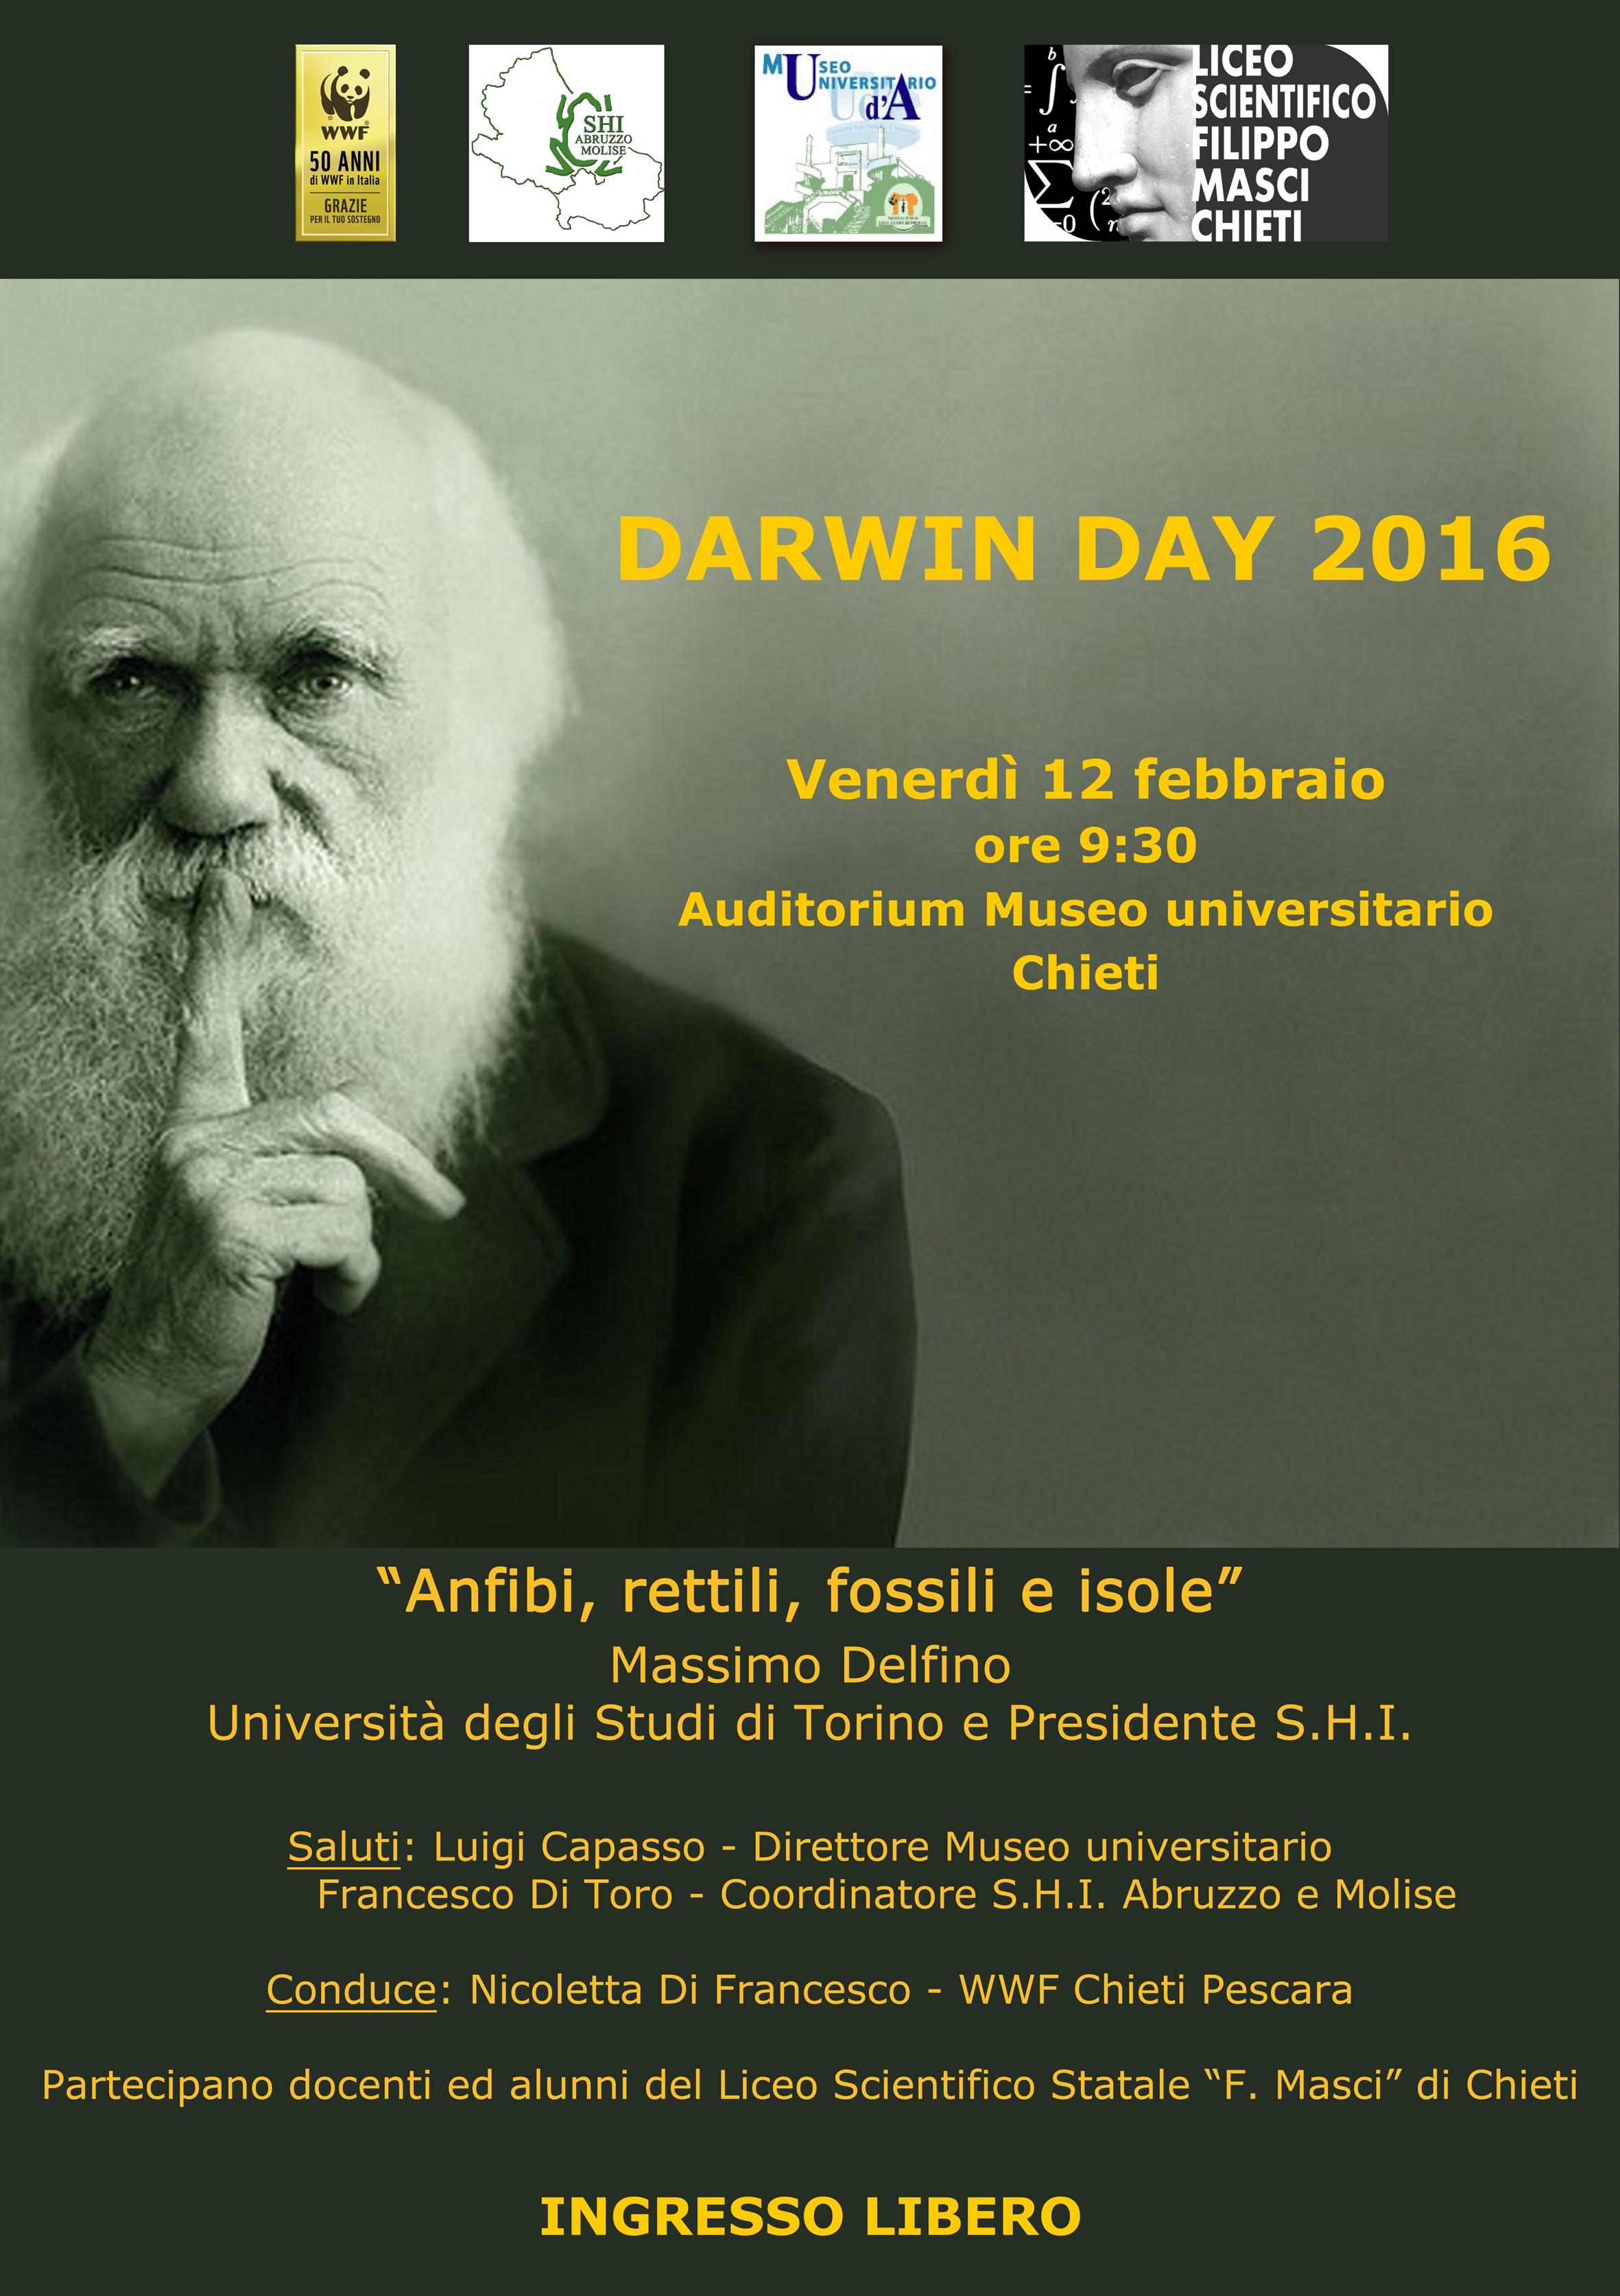 """Wwf: """"Anfibi, rettili, fossili e isole"""" per il Darwin day 2016"""